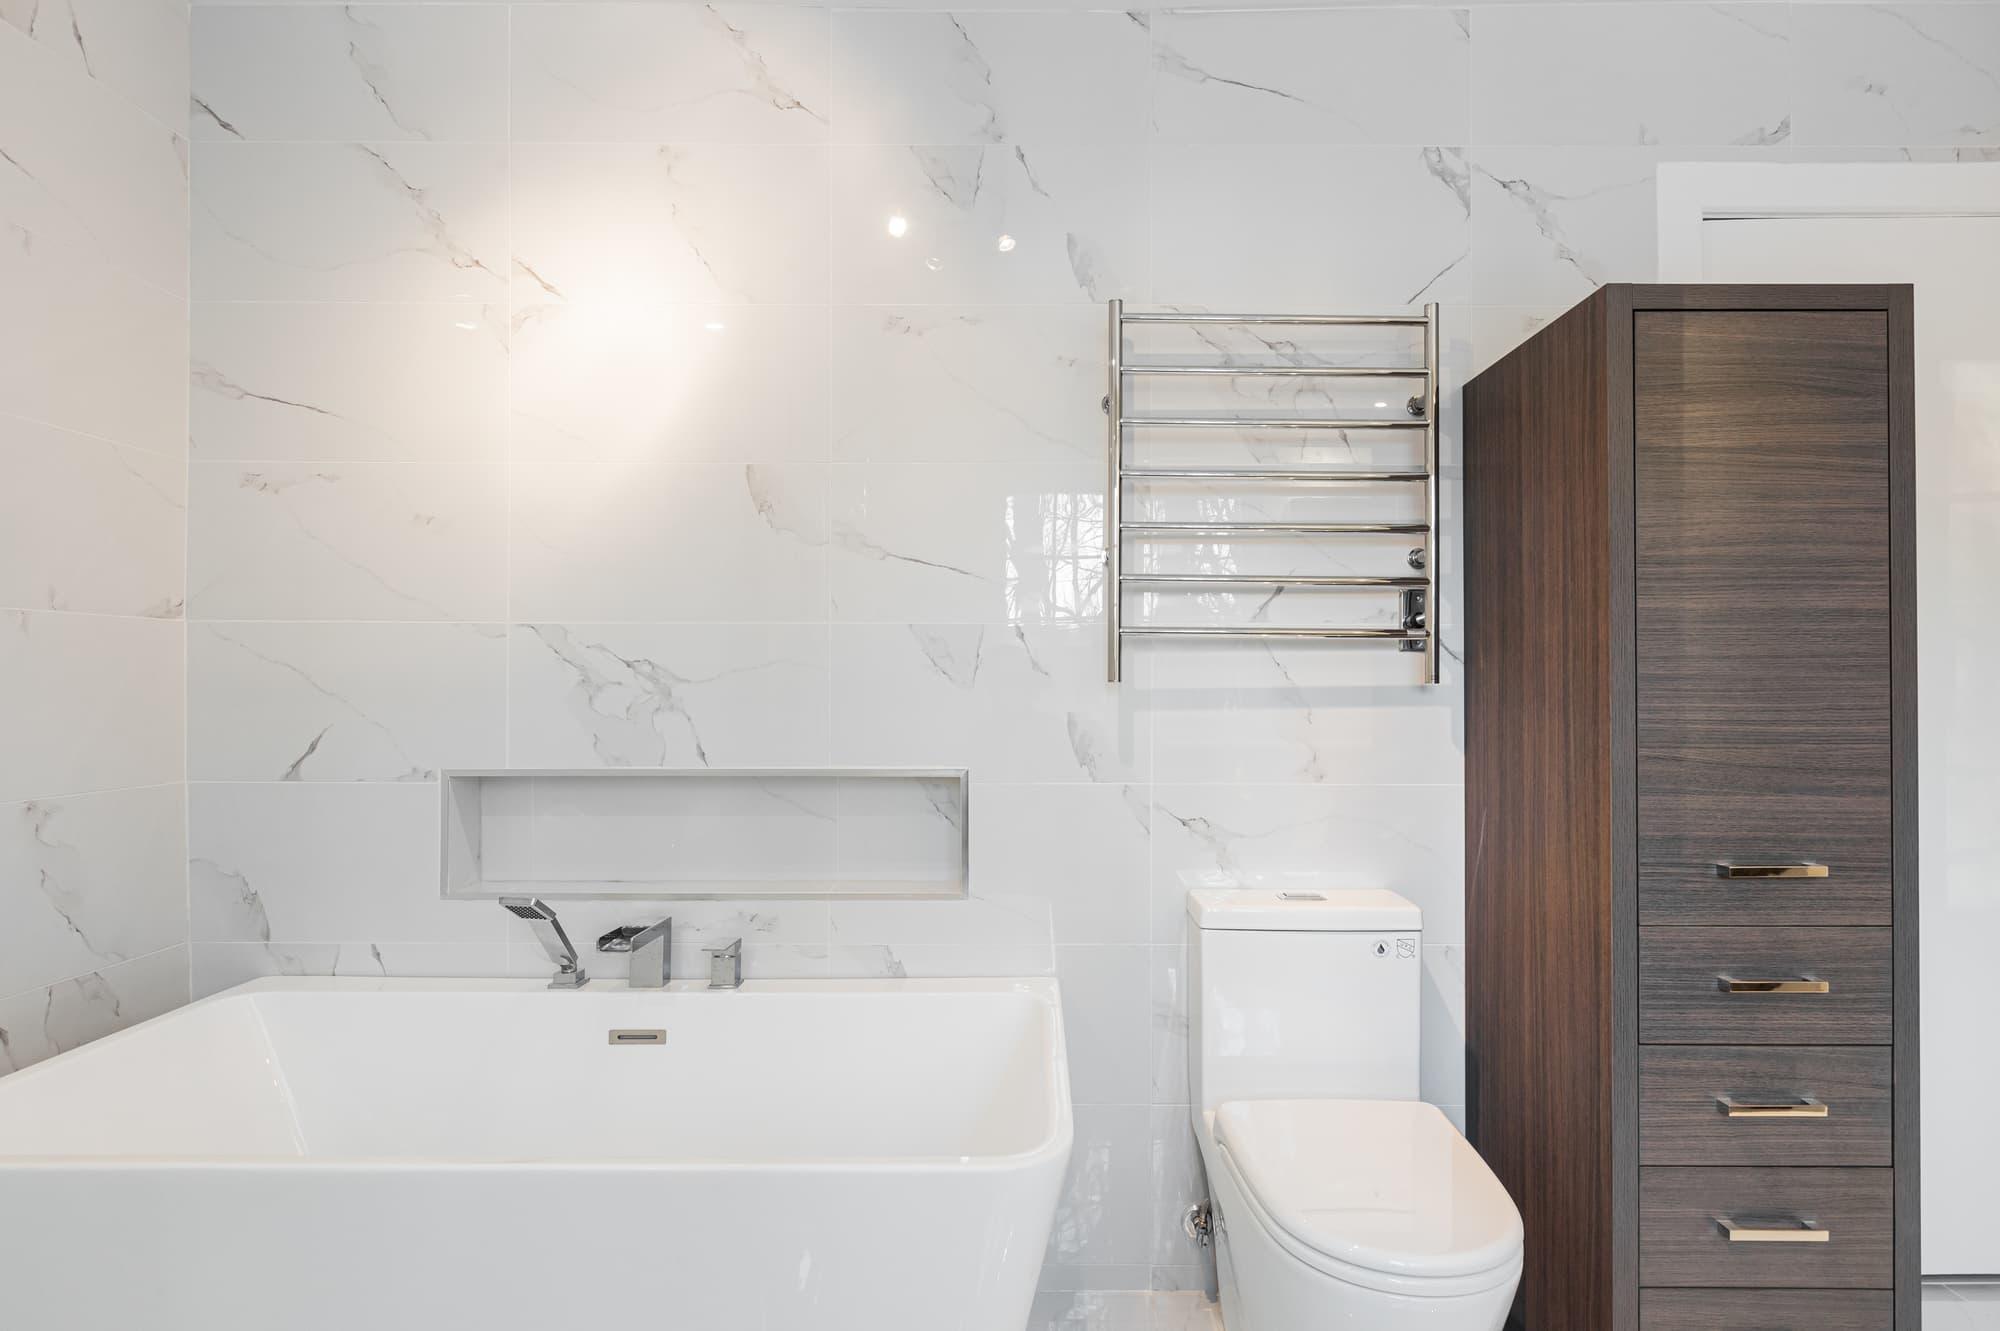 bain rectangulaire autoportant avec lingerie sur mesure